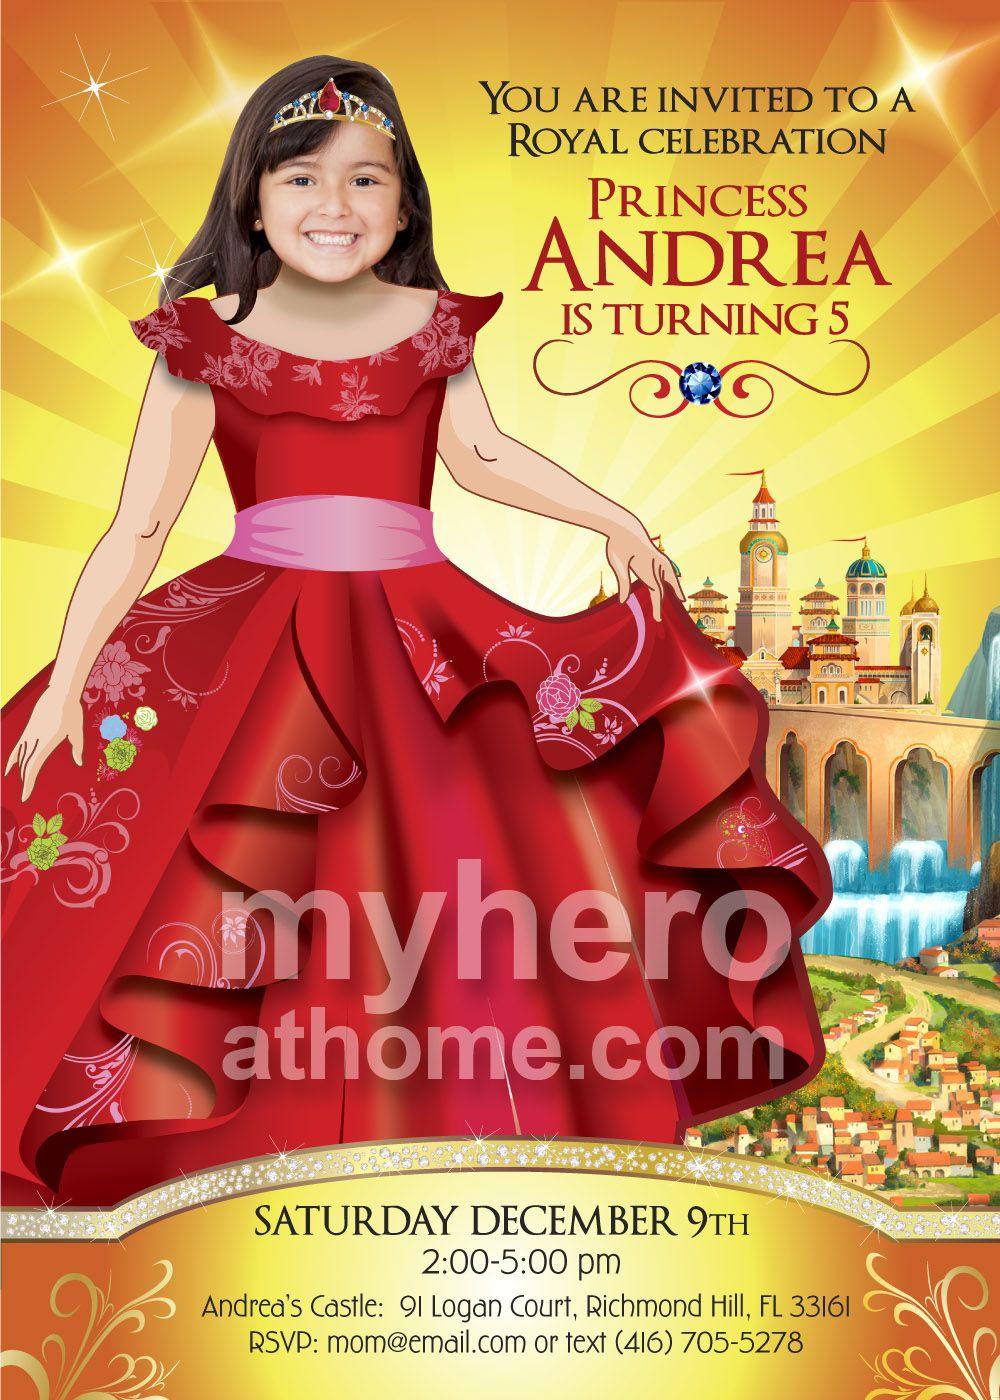 Elena Of Avalor Birthday Invitation Party Ideas Princess ElenaOfAvalorPartyIdeas ElenaOfAvalorBirthday